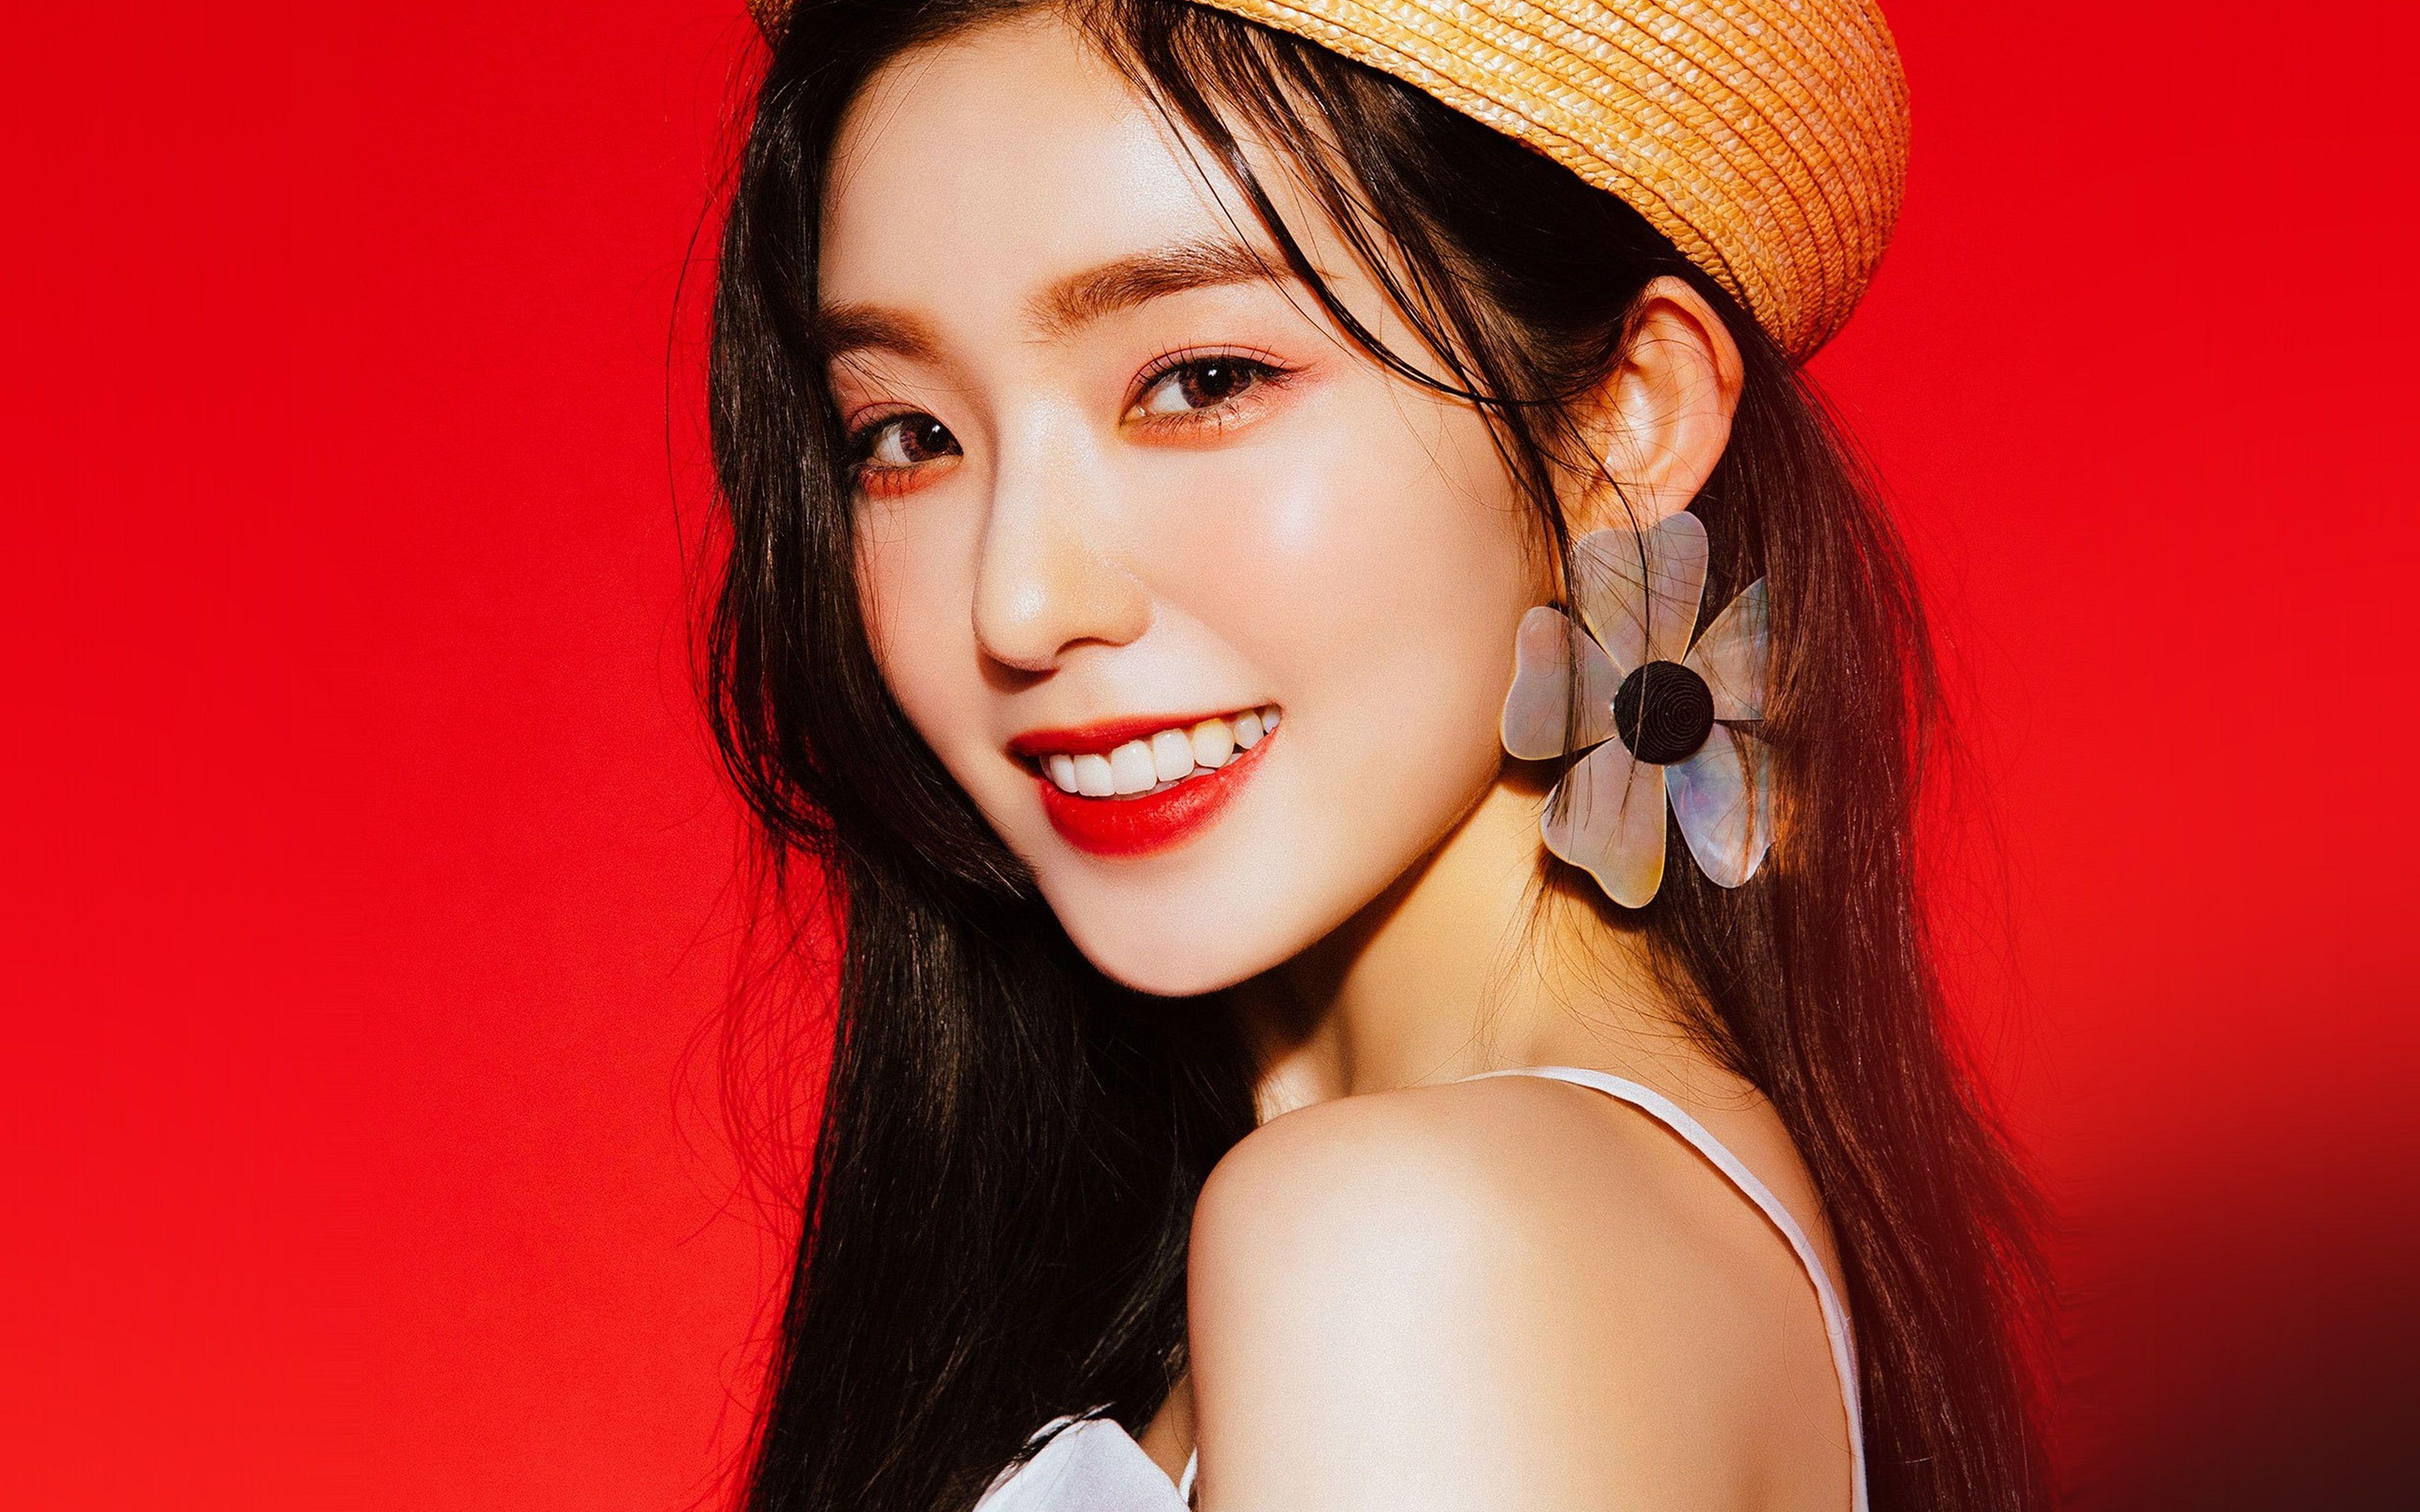 Redvelvet Girl Kpop Smile Irene 4k Wallpaper Hdwallpaper Desktop Red Velvet Photoshoot Velvet Wallpaper Red Velvet Irene